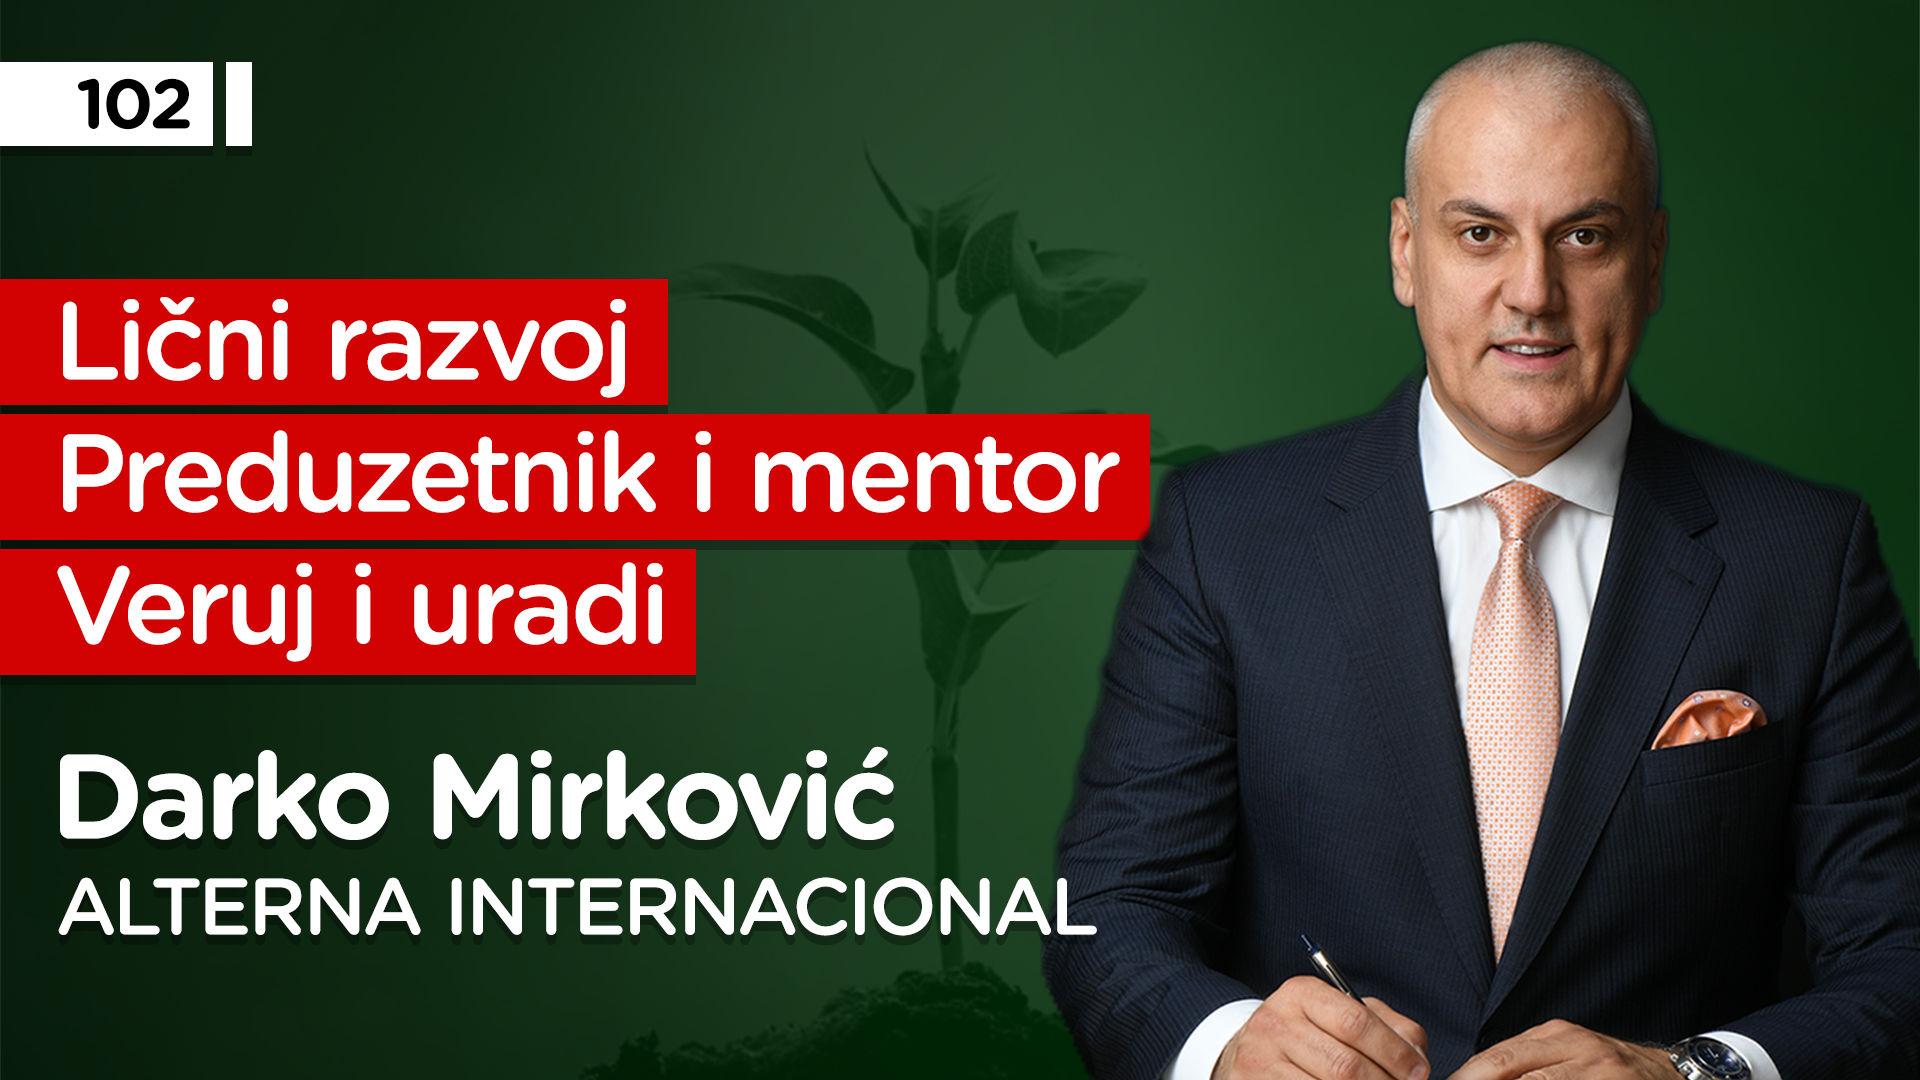 EP102: Darko Mirković